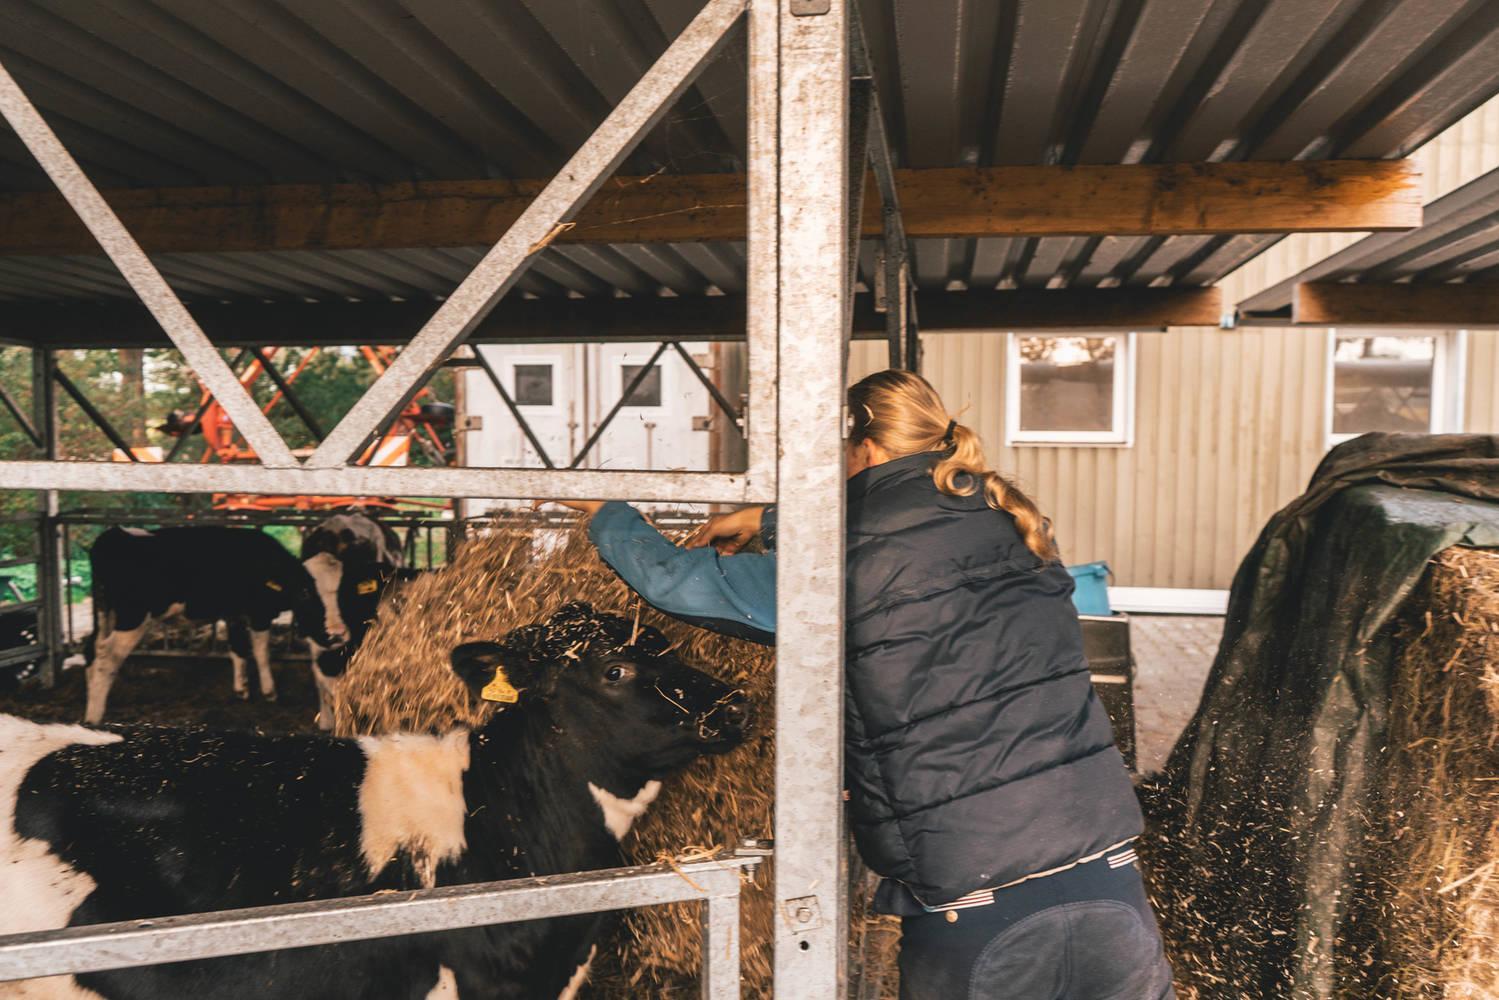 Kijkboerderij